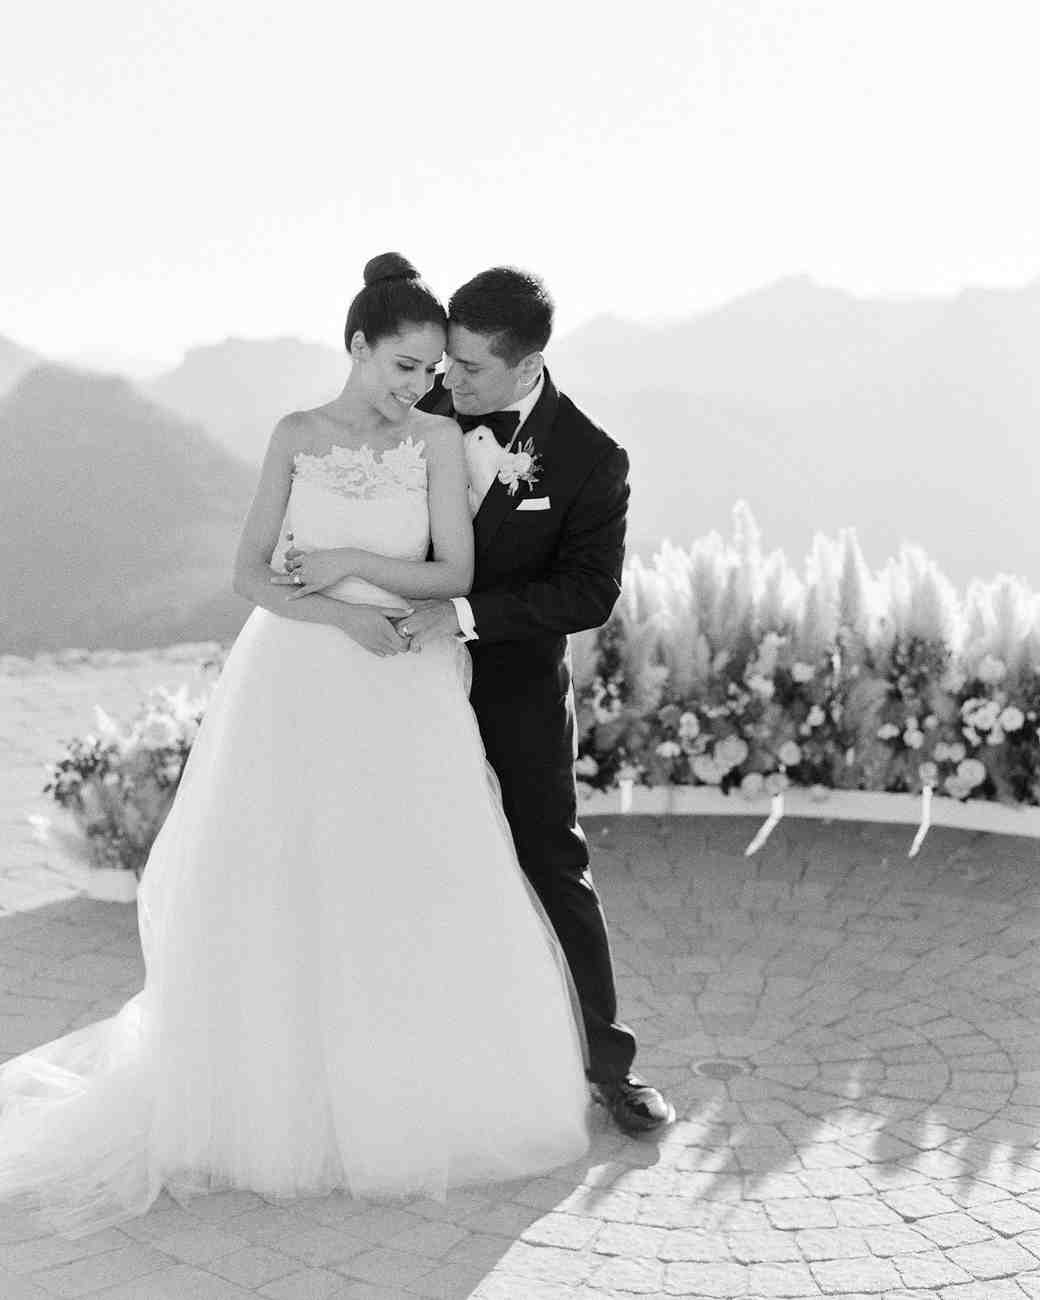 aislinn and eric wedding portrait